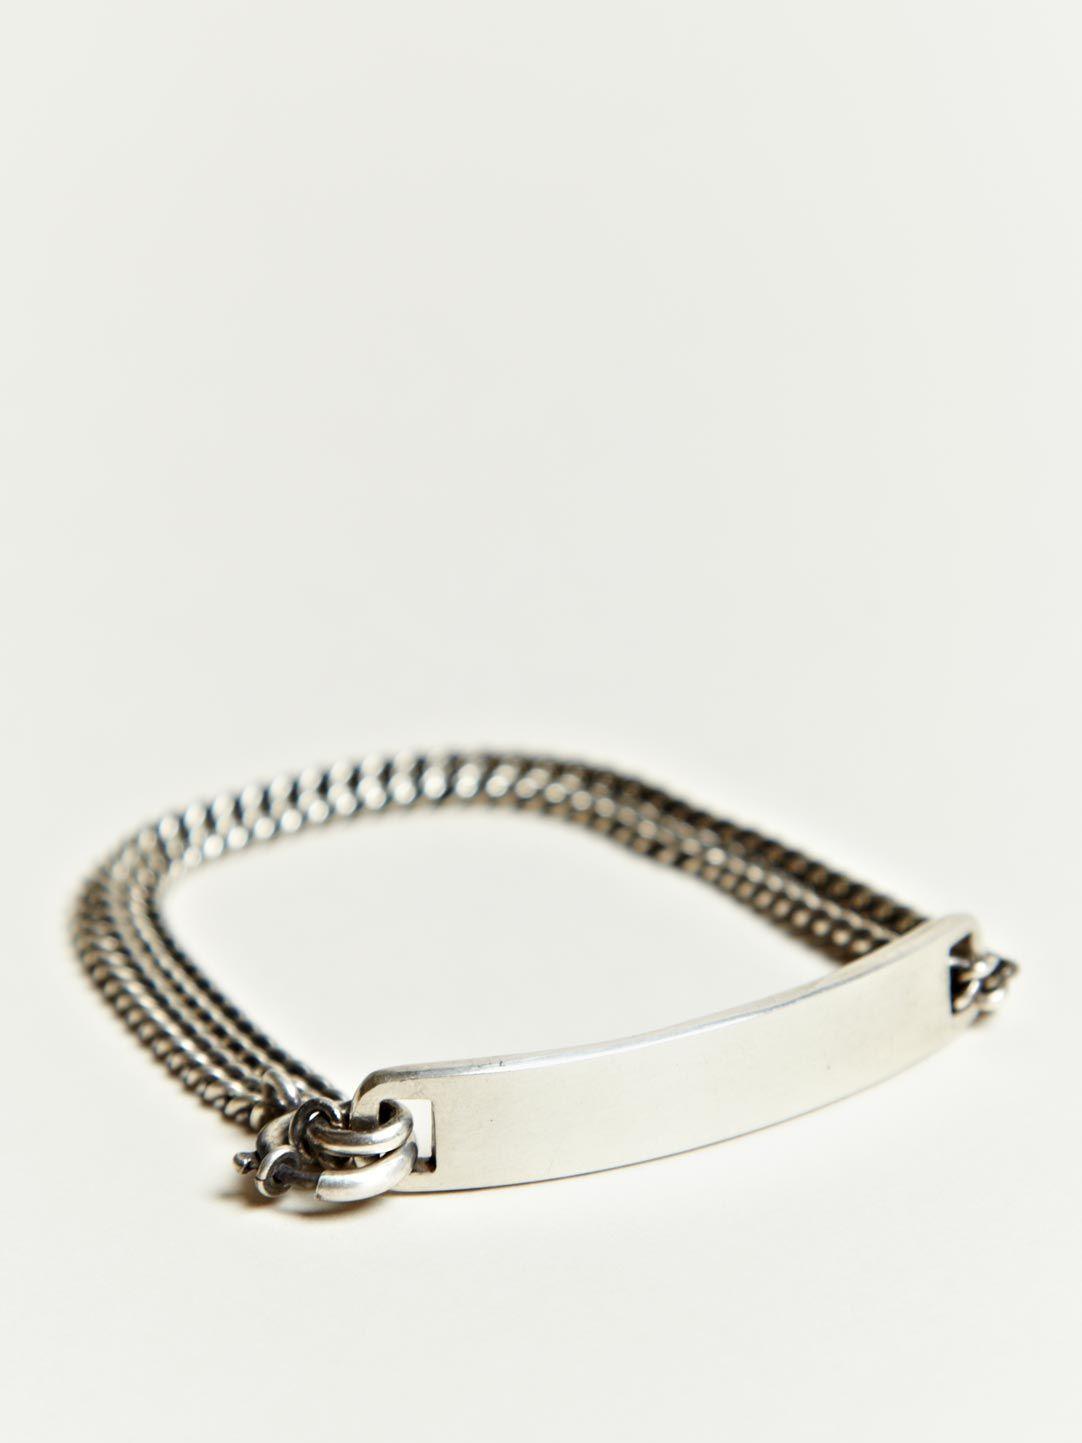 Ann Demeulemeester Men S Silver Plate Bracelet Jewelry Bracelets On Yes Or No I Kind Of Like It